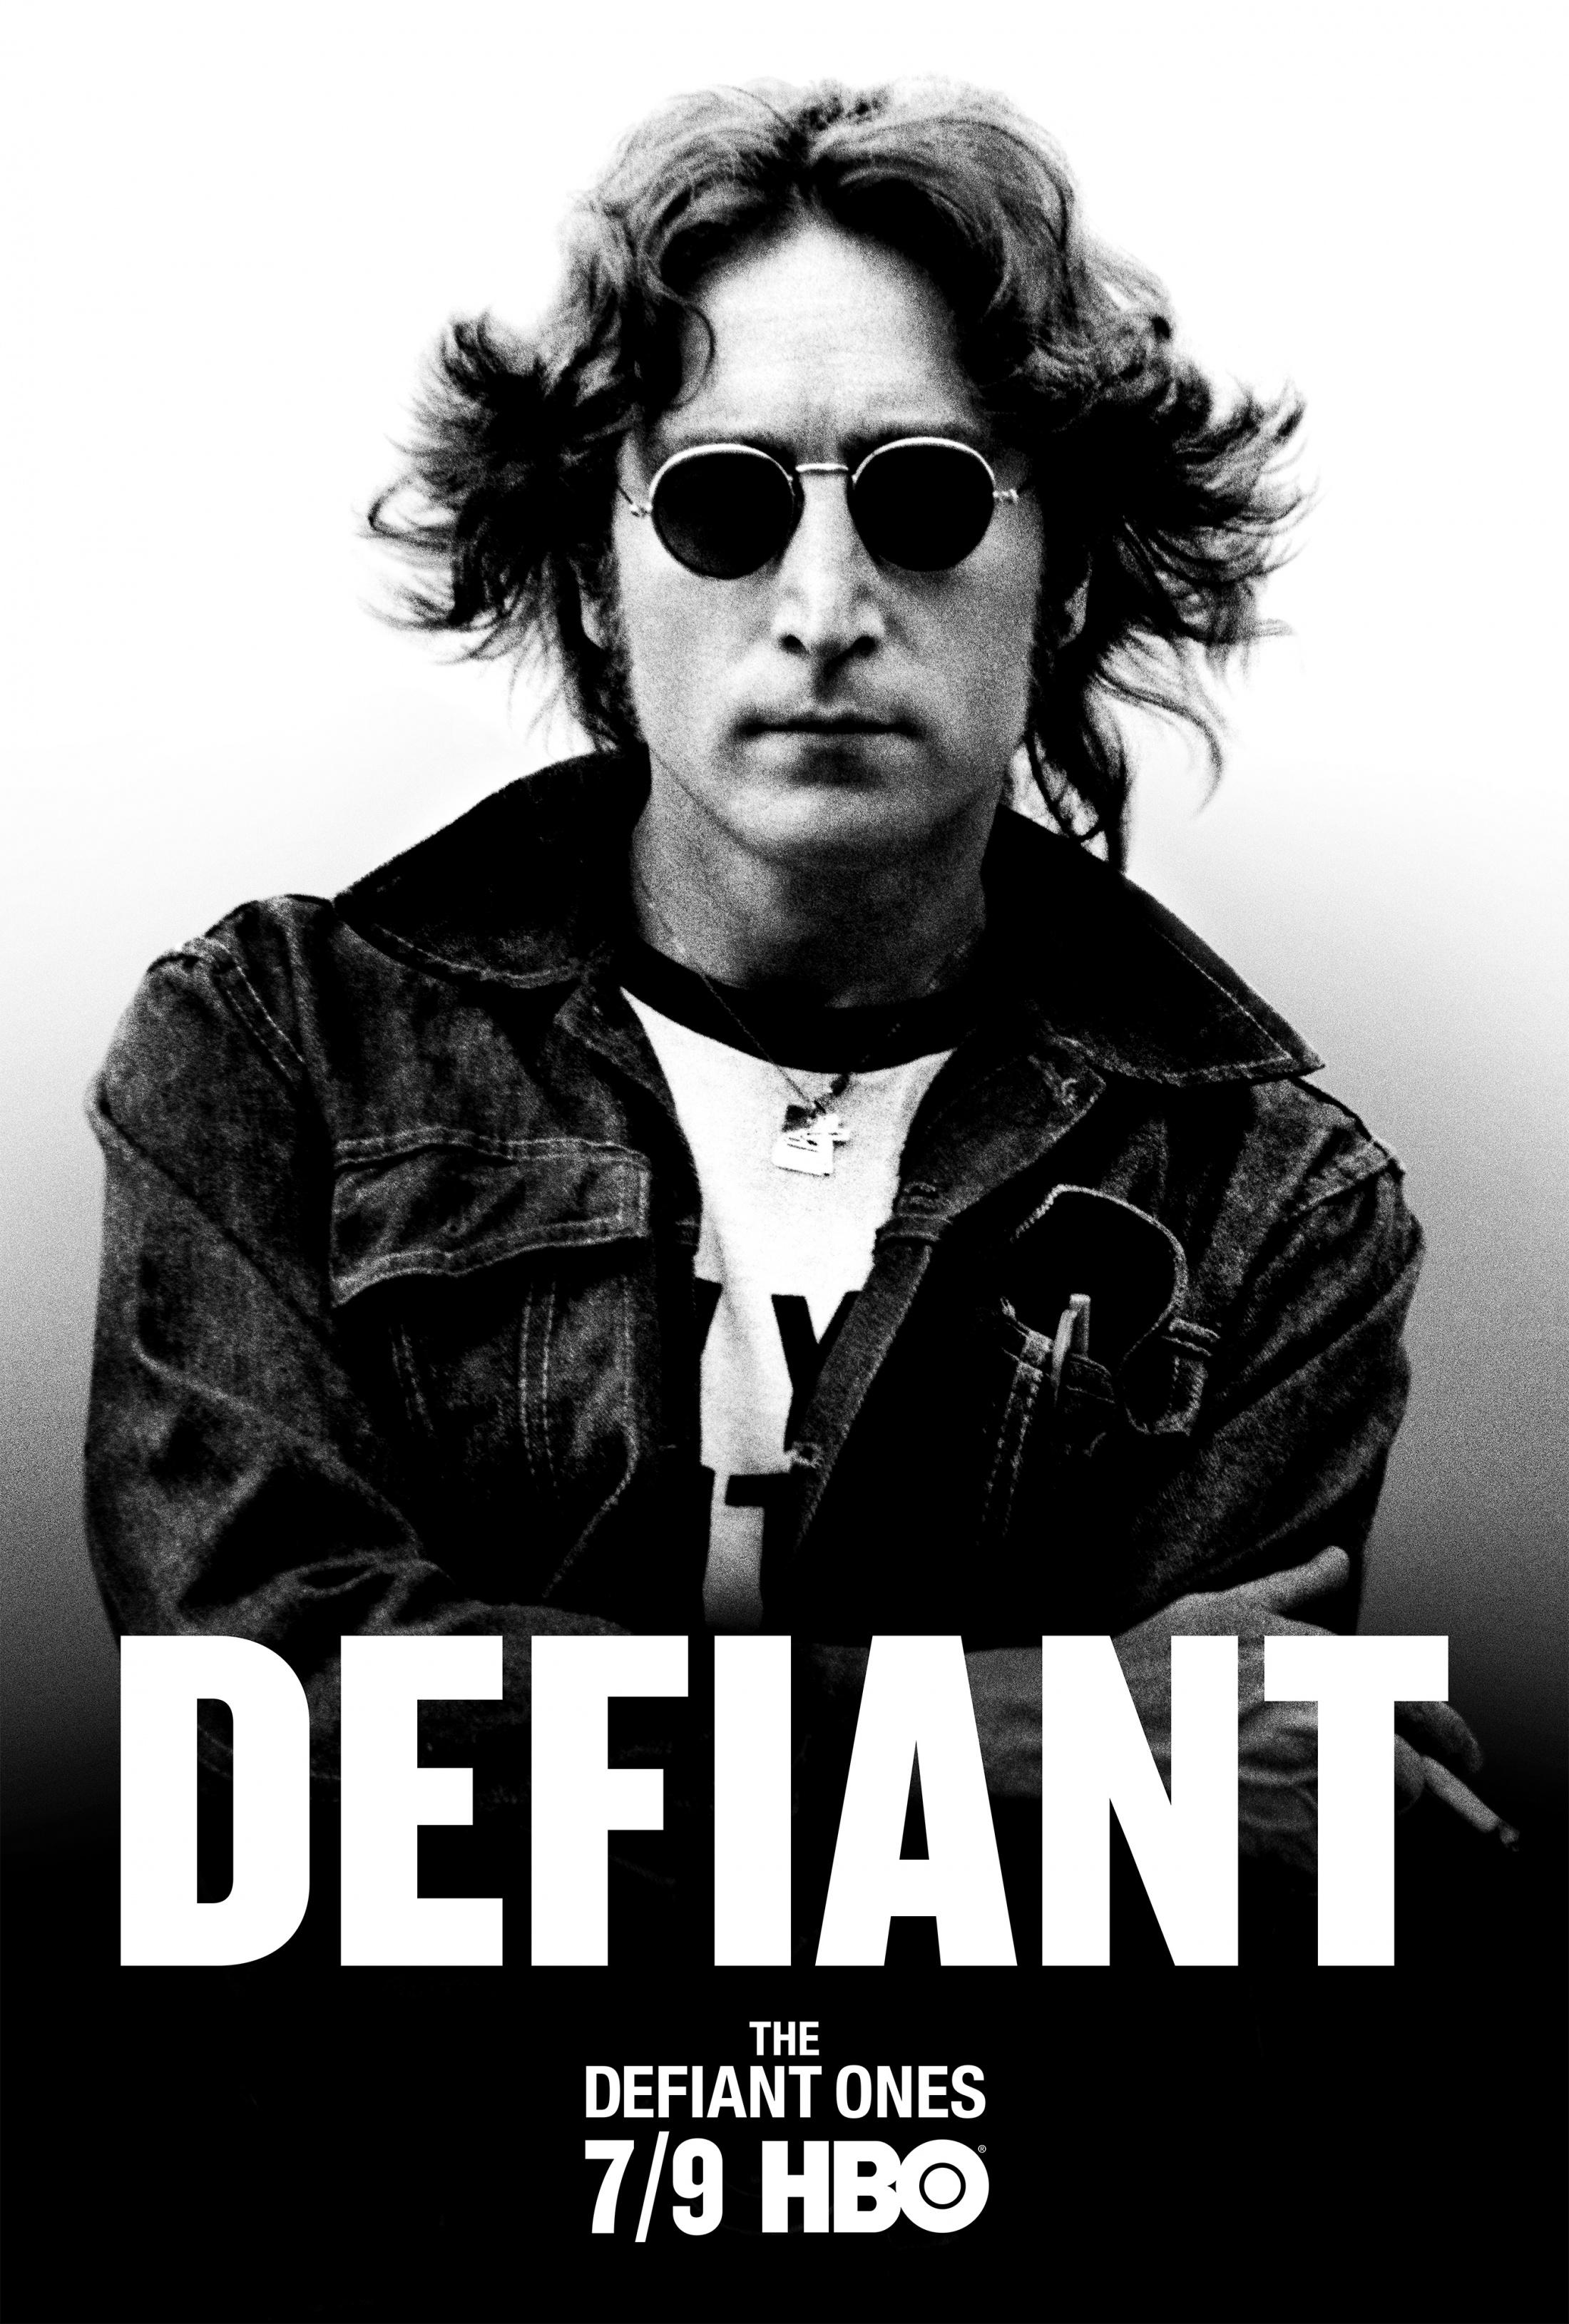 Thumbnail for The Defiant Ones Character Banner: John Lennon